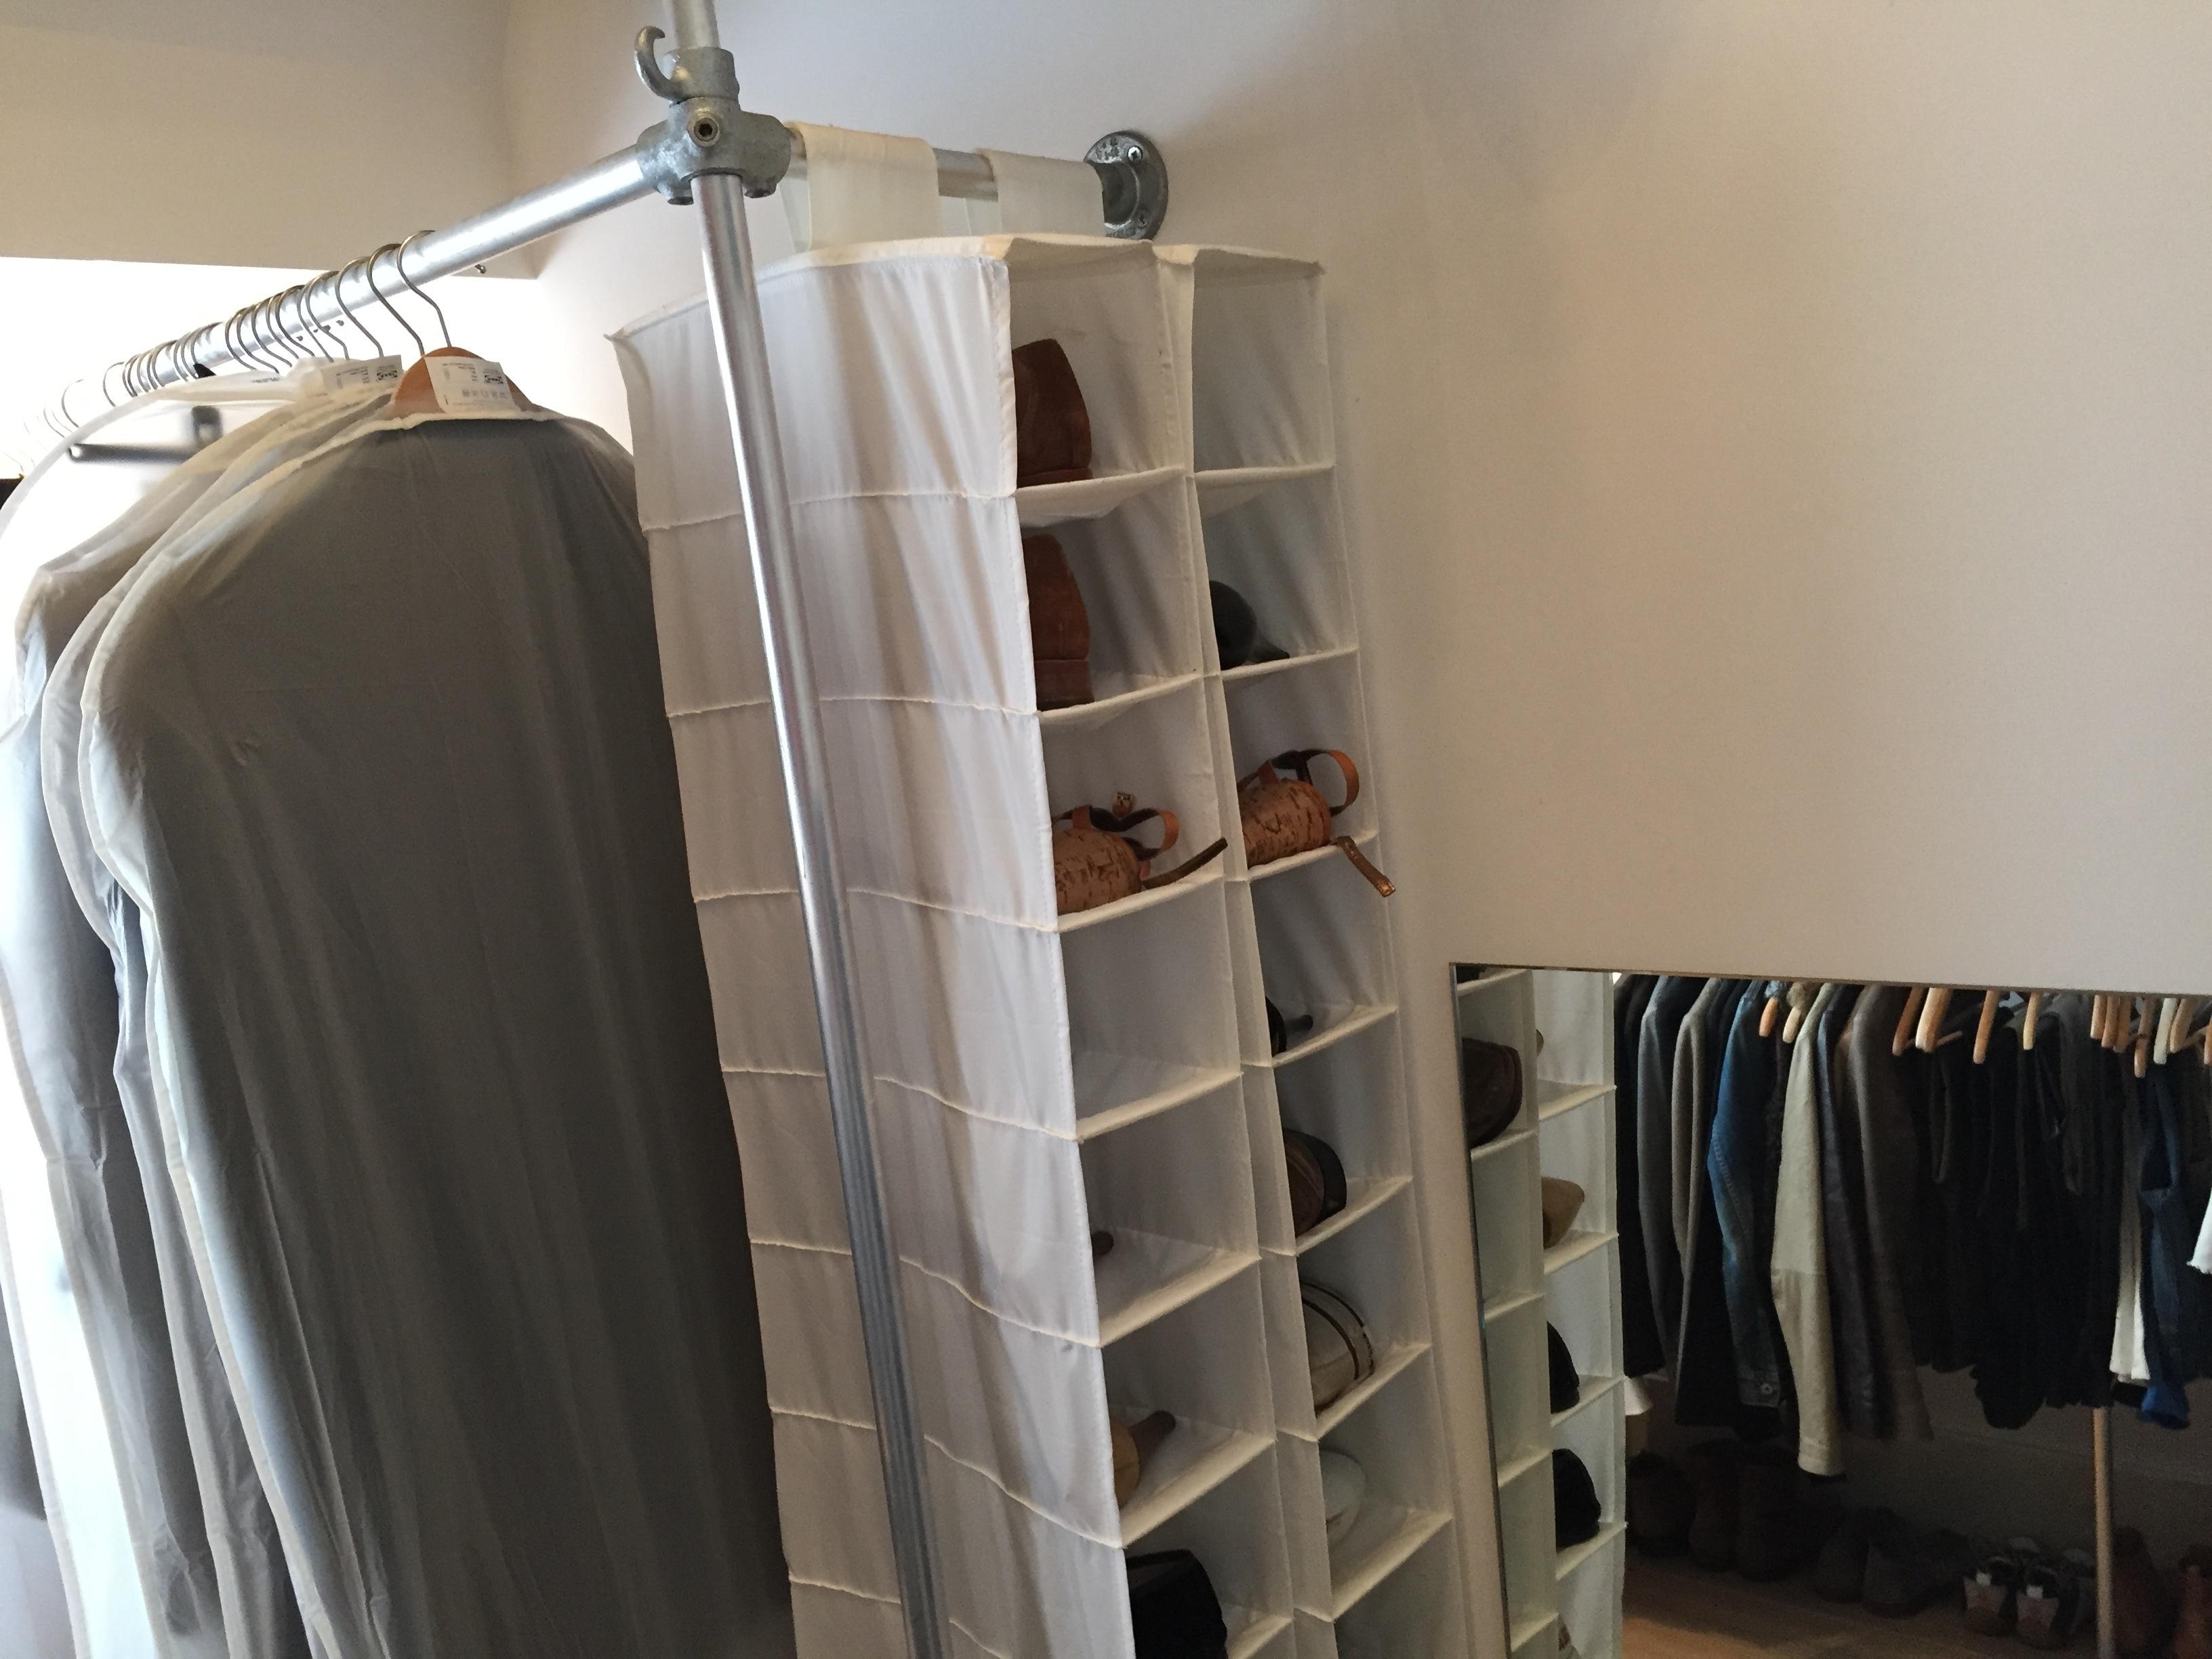 Genoeg Buizenframe kledingrek | voordemakers.nl EN72